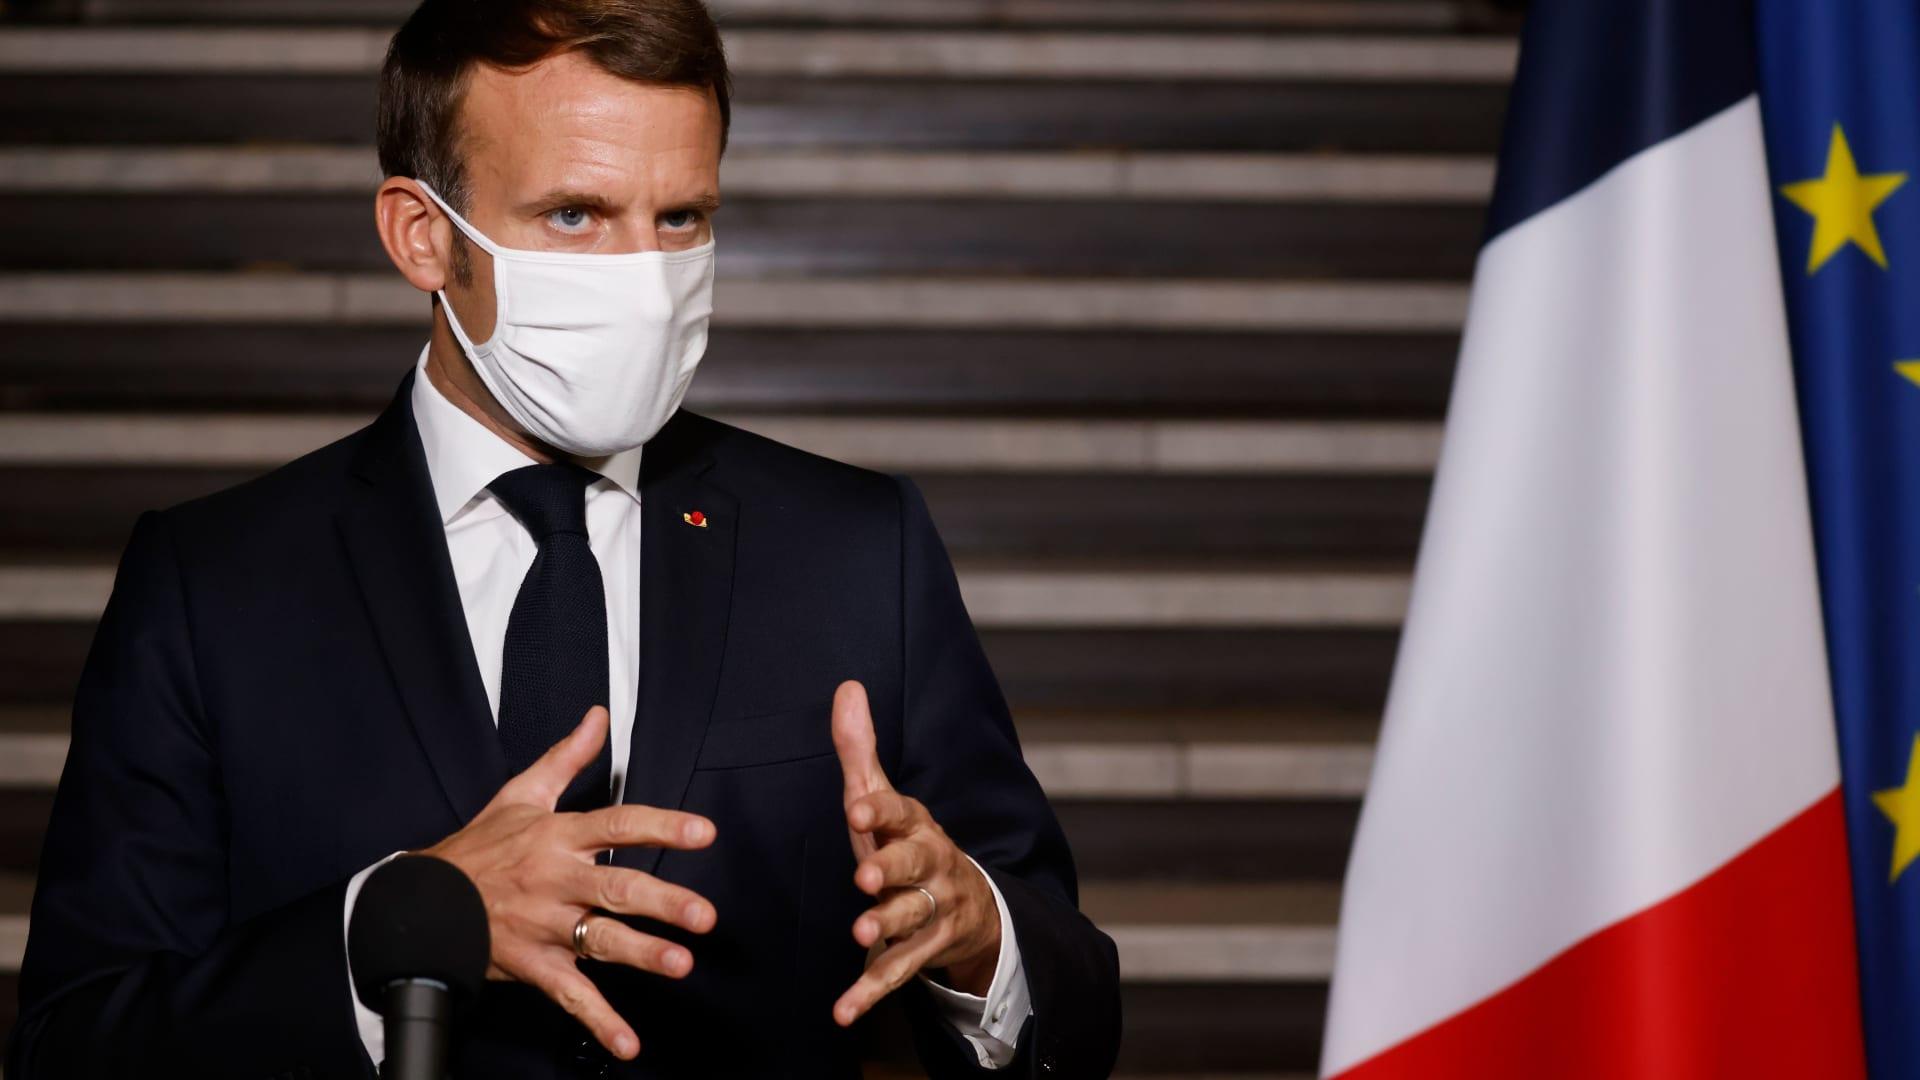 """""""لسنا خائفين"""".. الآلاف يتظاهرون في فرنسا بعد قطع رأس مدرس عرض رسوماً للنبي محمد"""